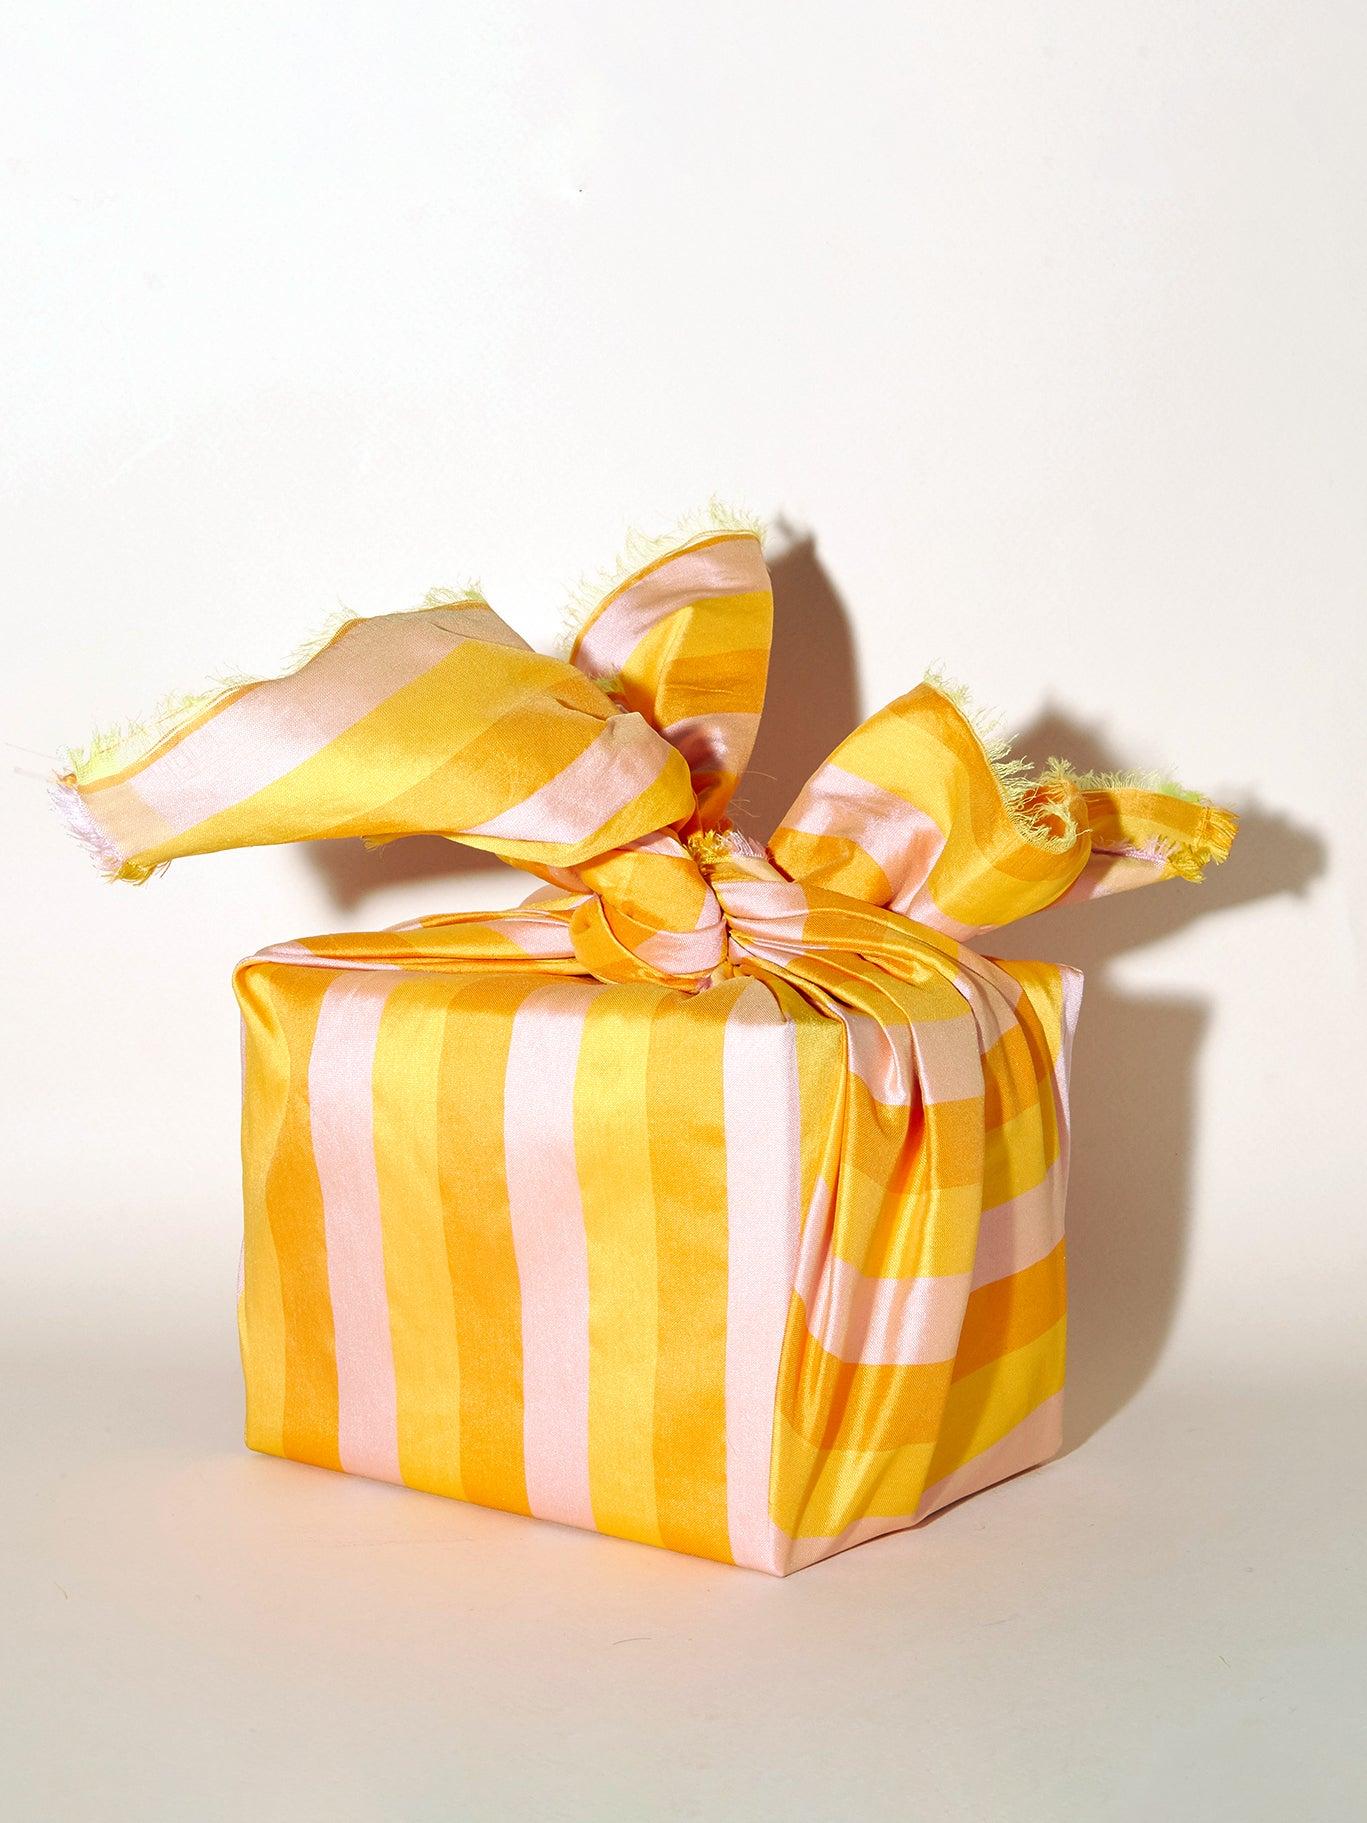 5 Ways to Be Zero Waste This Holiday Season